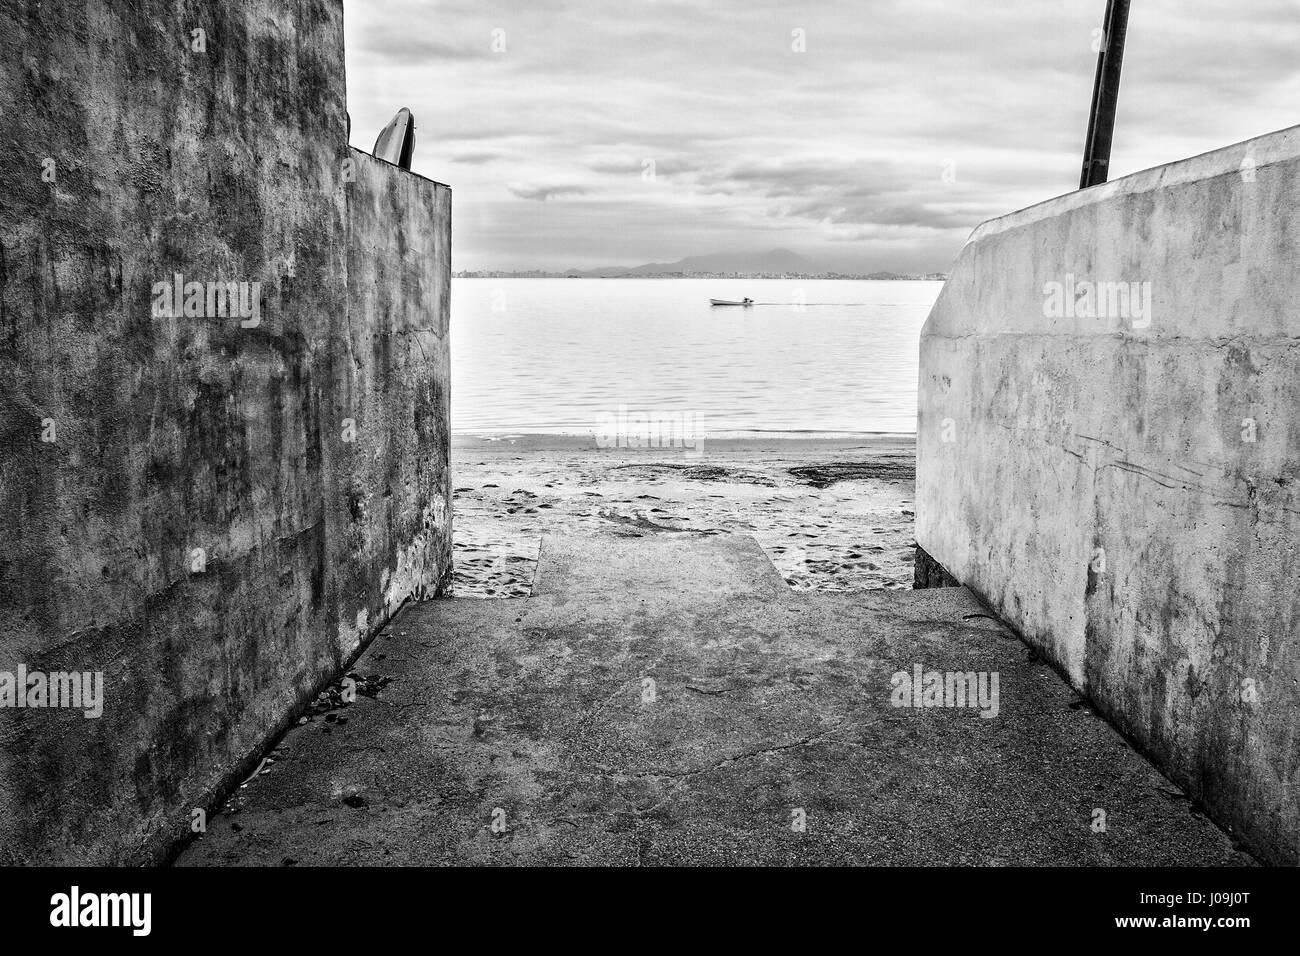 Dans une plage de Sambaqui, emplacement à Santo Antonio de Lisboa district. Florianopolis, Santa Catarina, Brésil. Banque D'Images